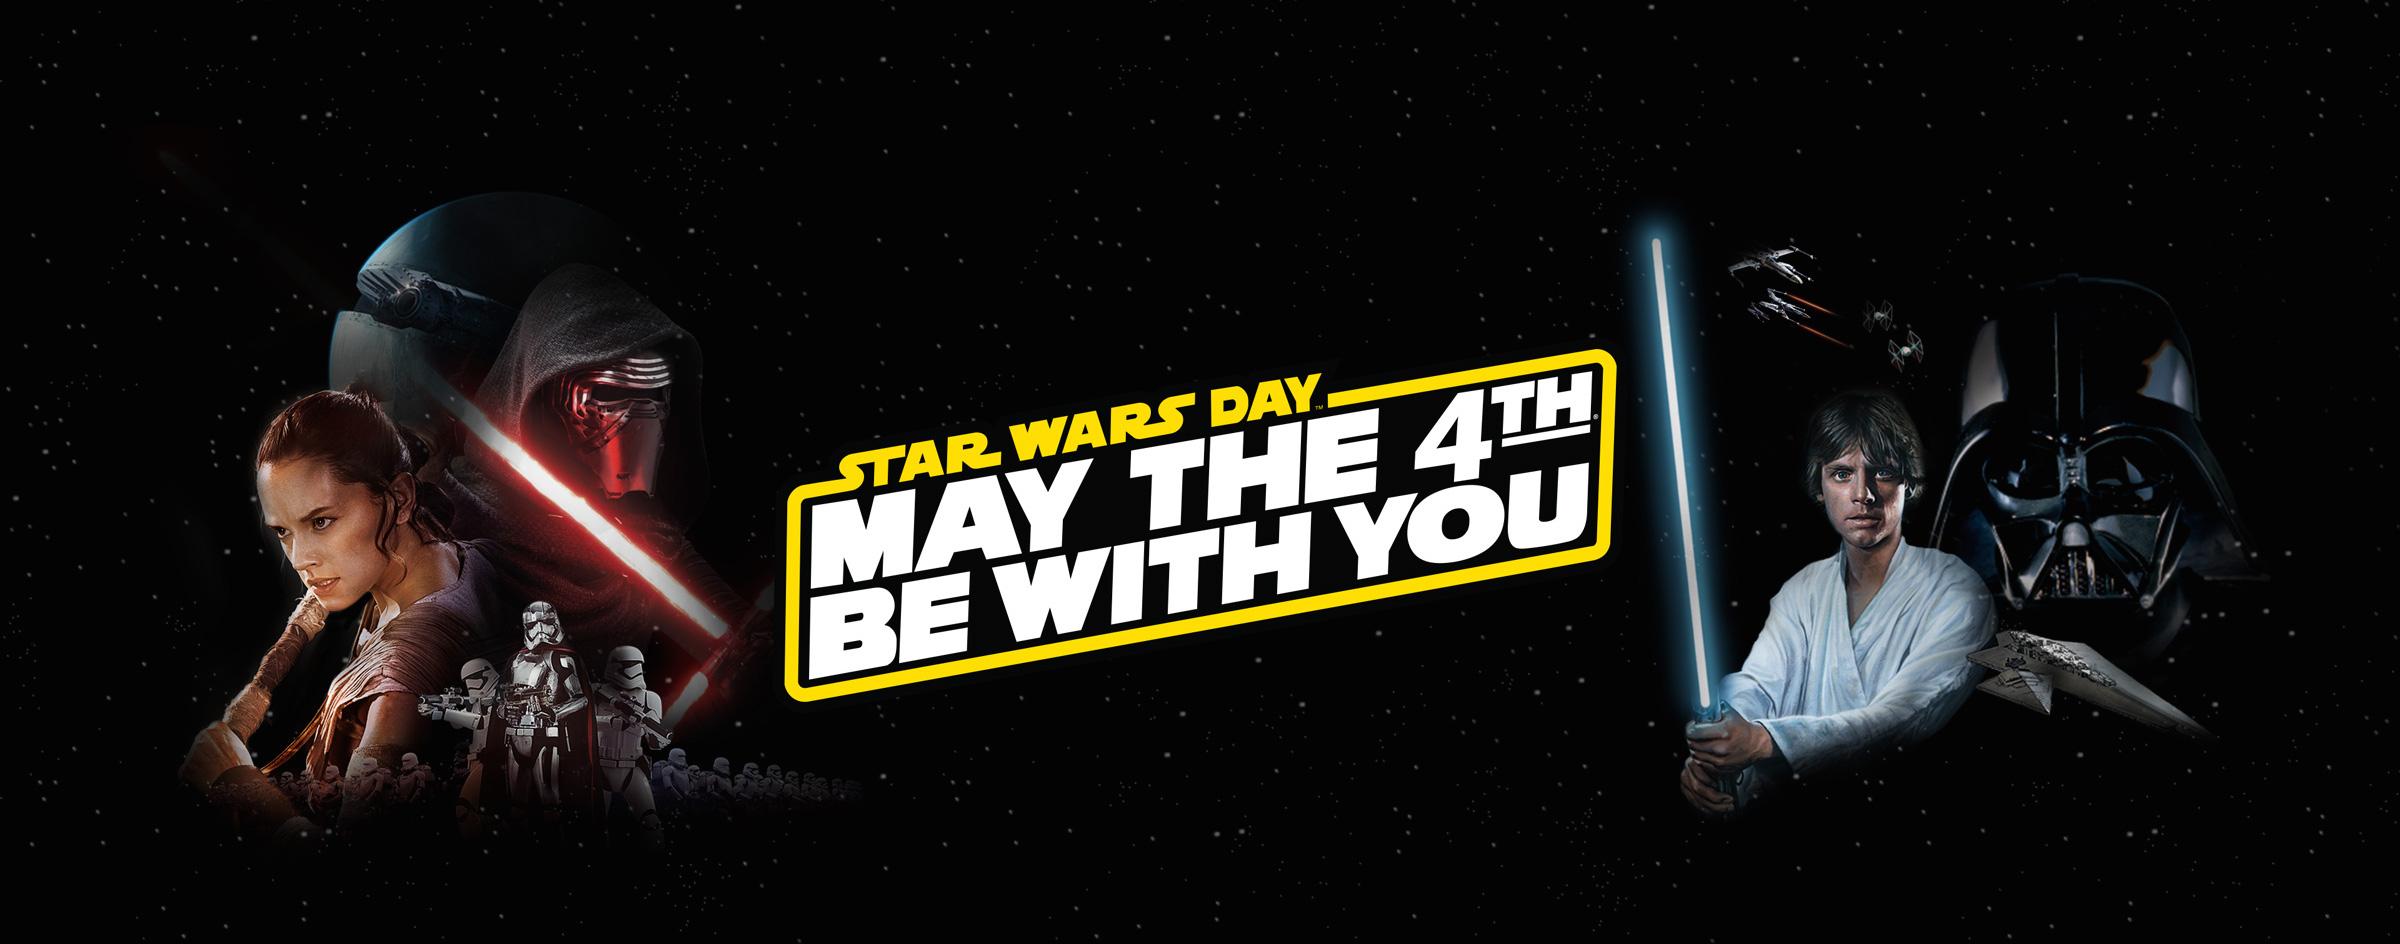 May 4th - Star Wars Day